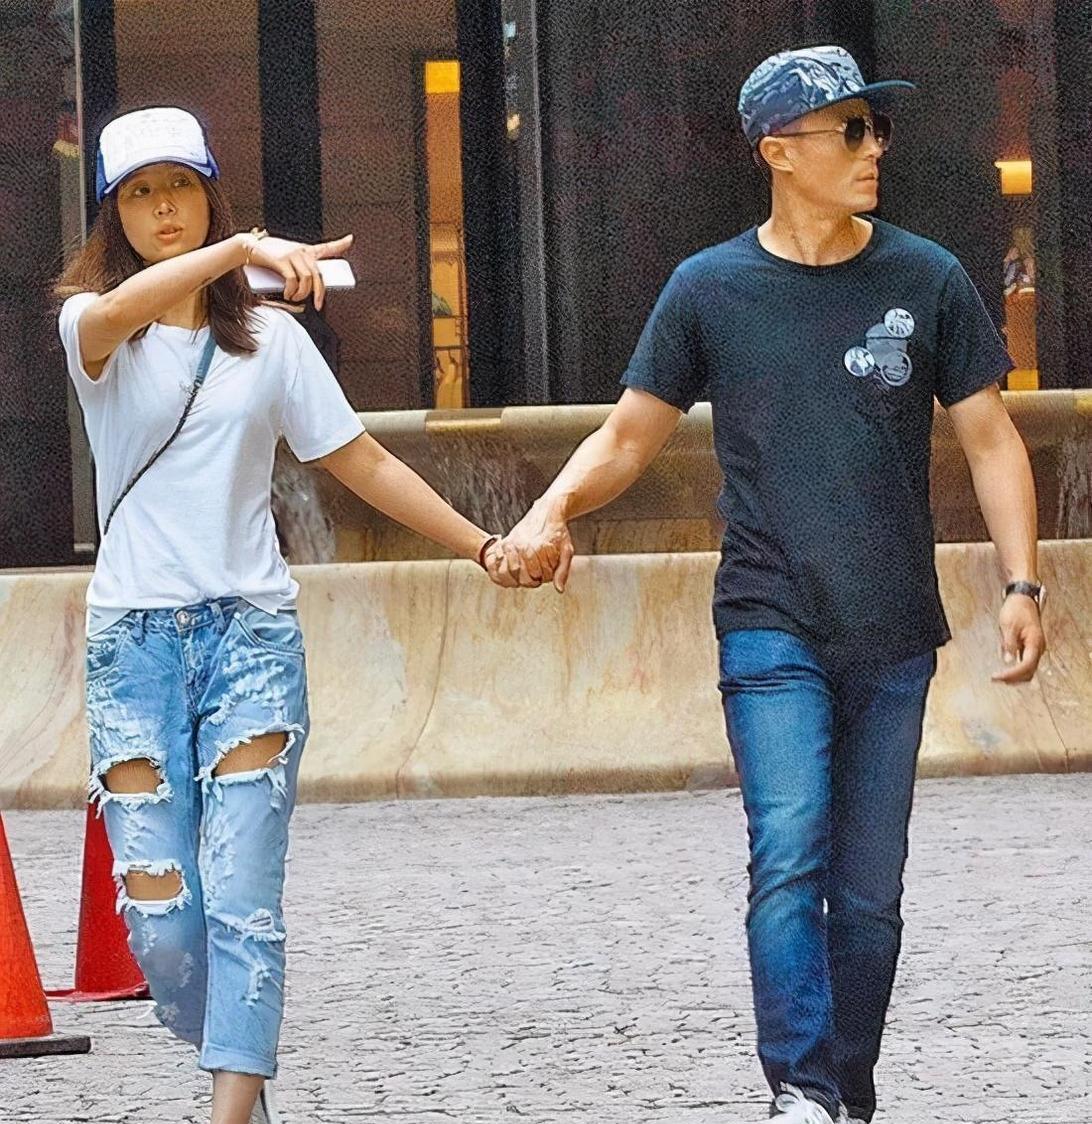 Chị em 30+ cứ mặc quần jeans lỗi như Lâm Tâm Như thì style sẽ không bao giờ khá lên được